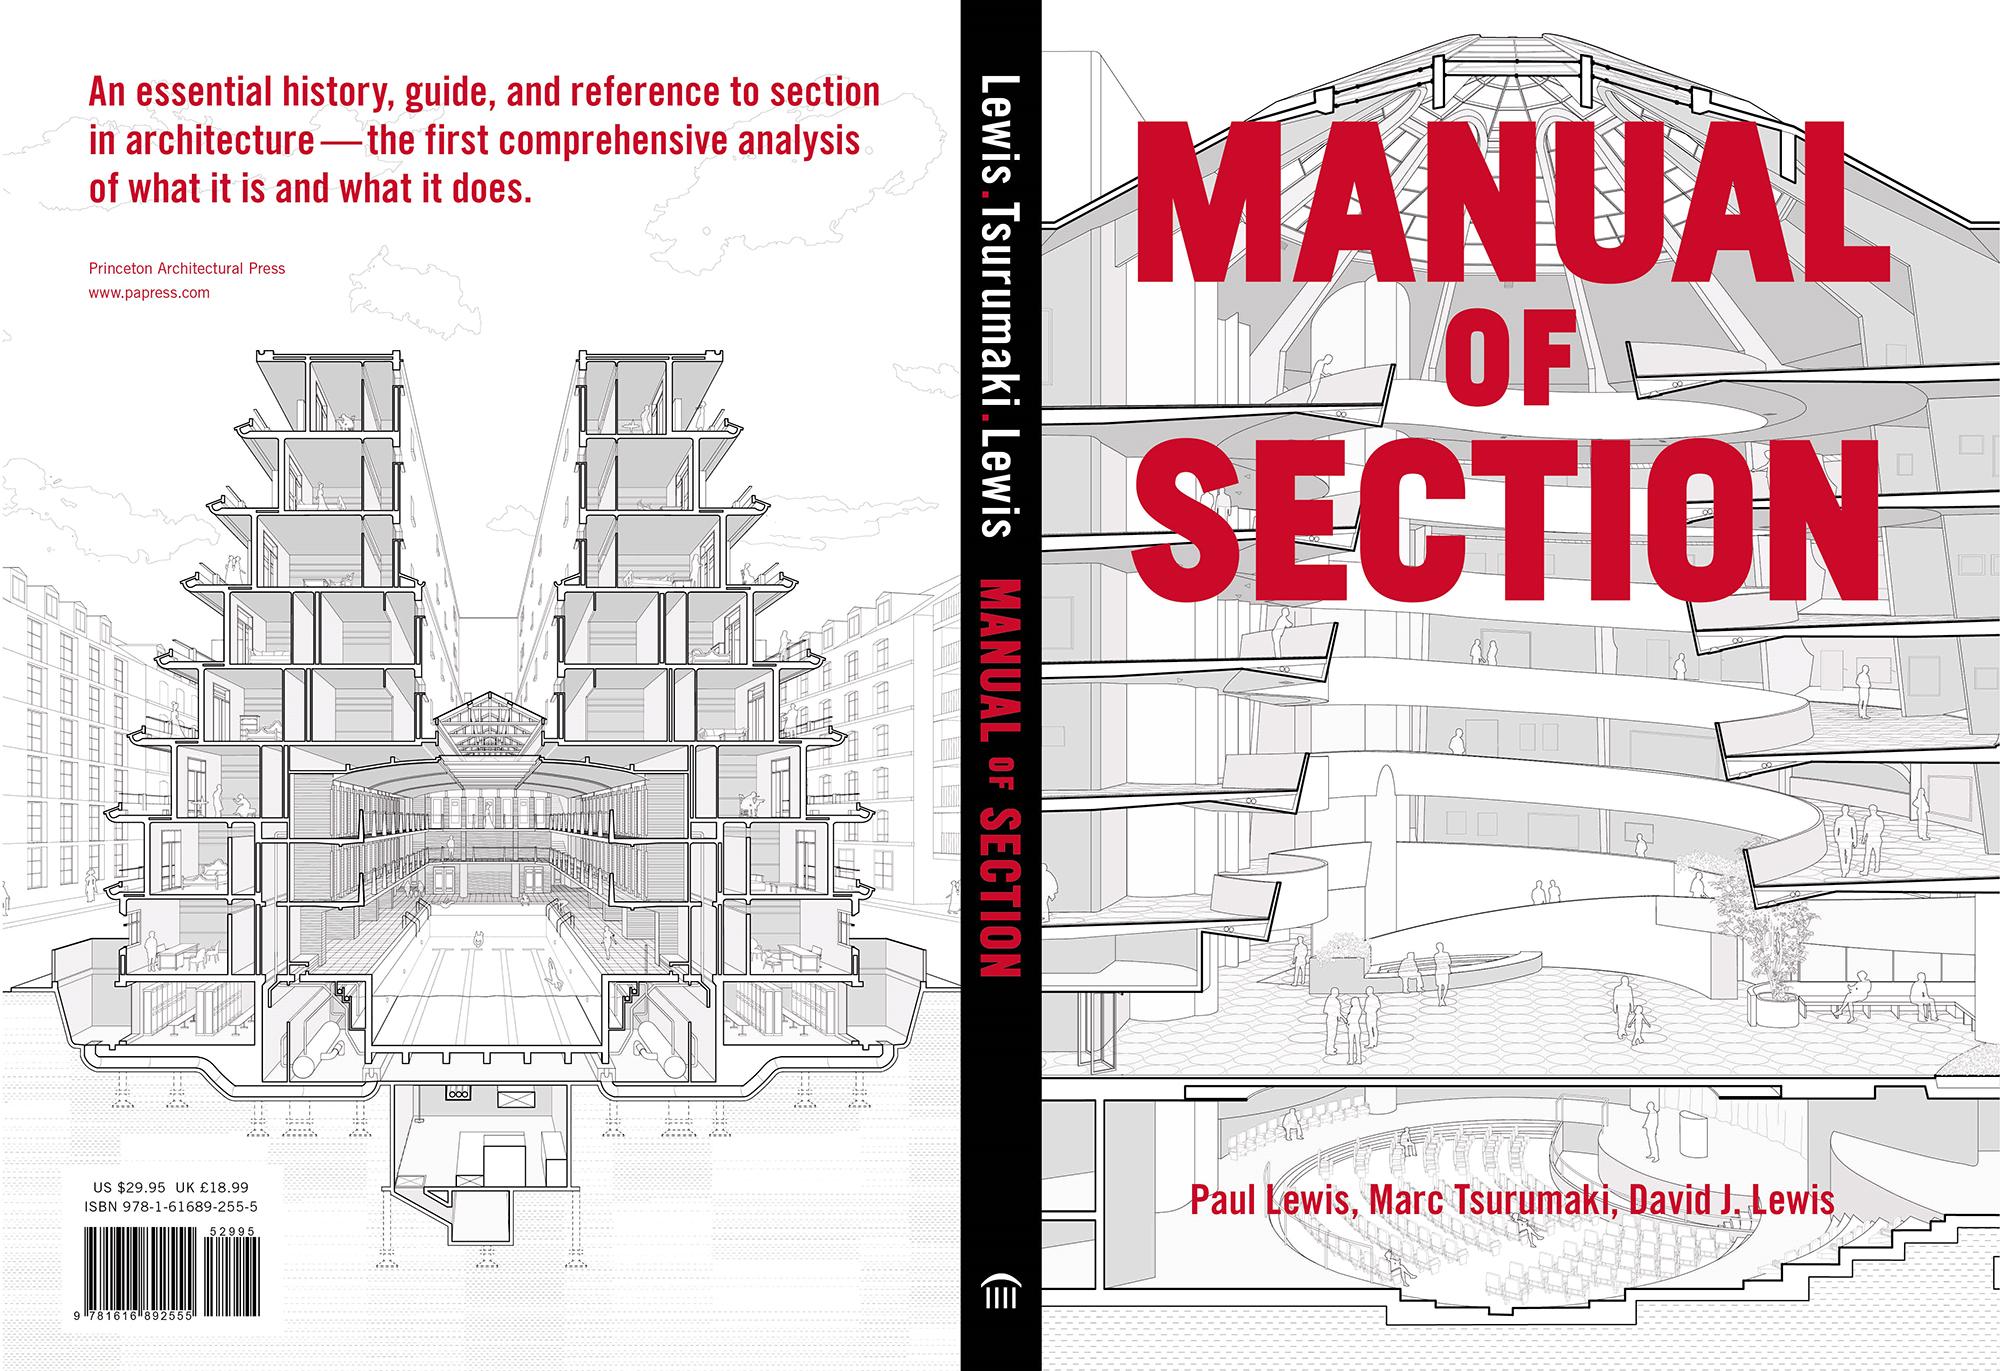 wLTL_Manual-of-Section_01.jpg